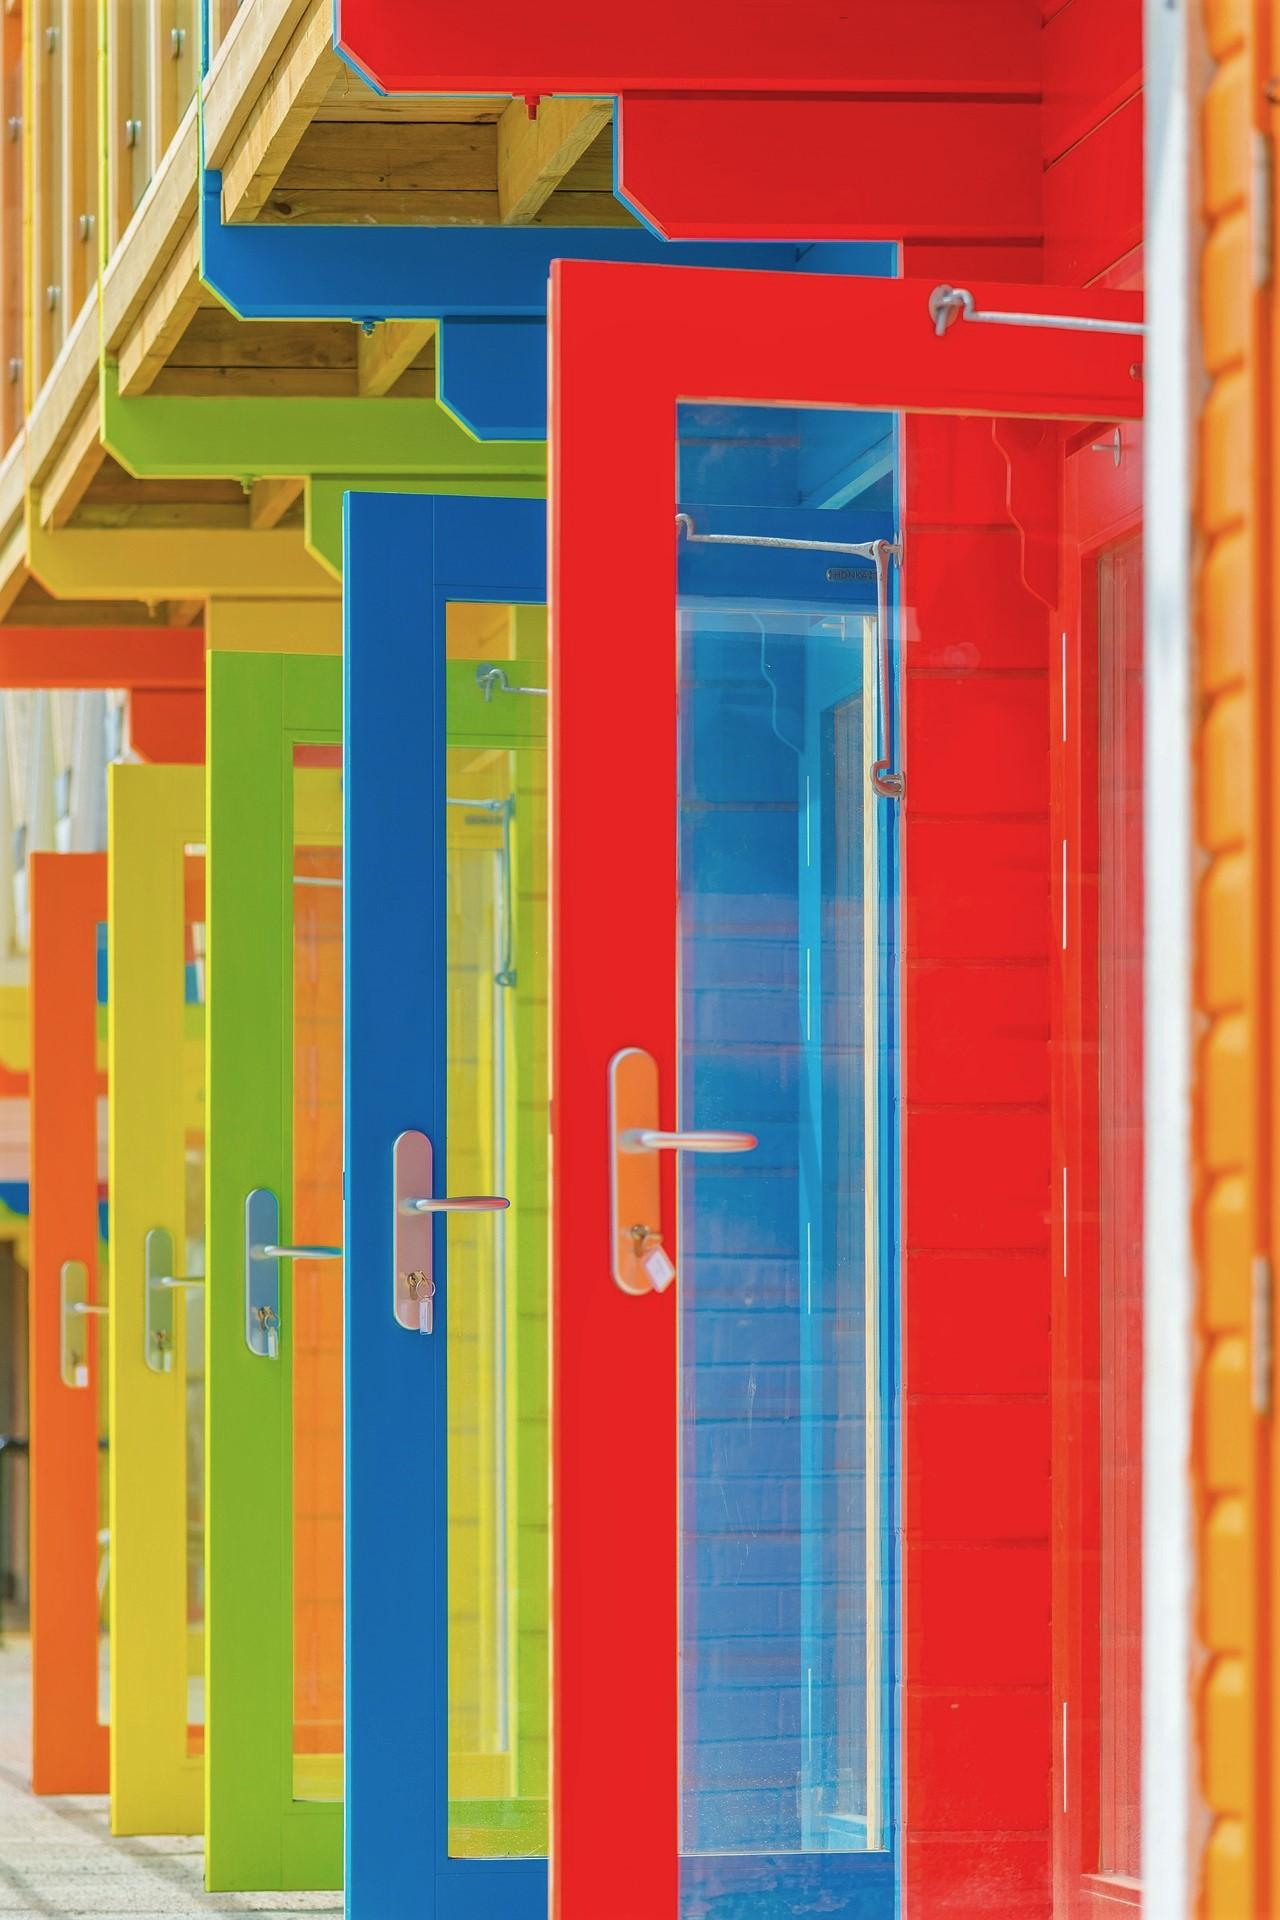 Puertas abiertas de colores